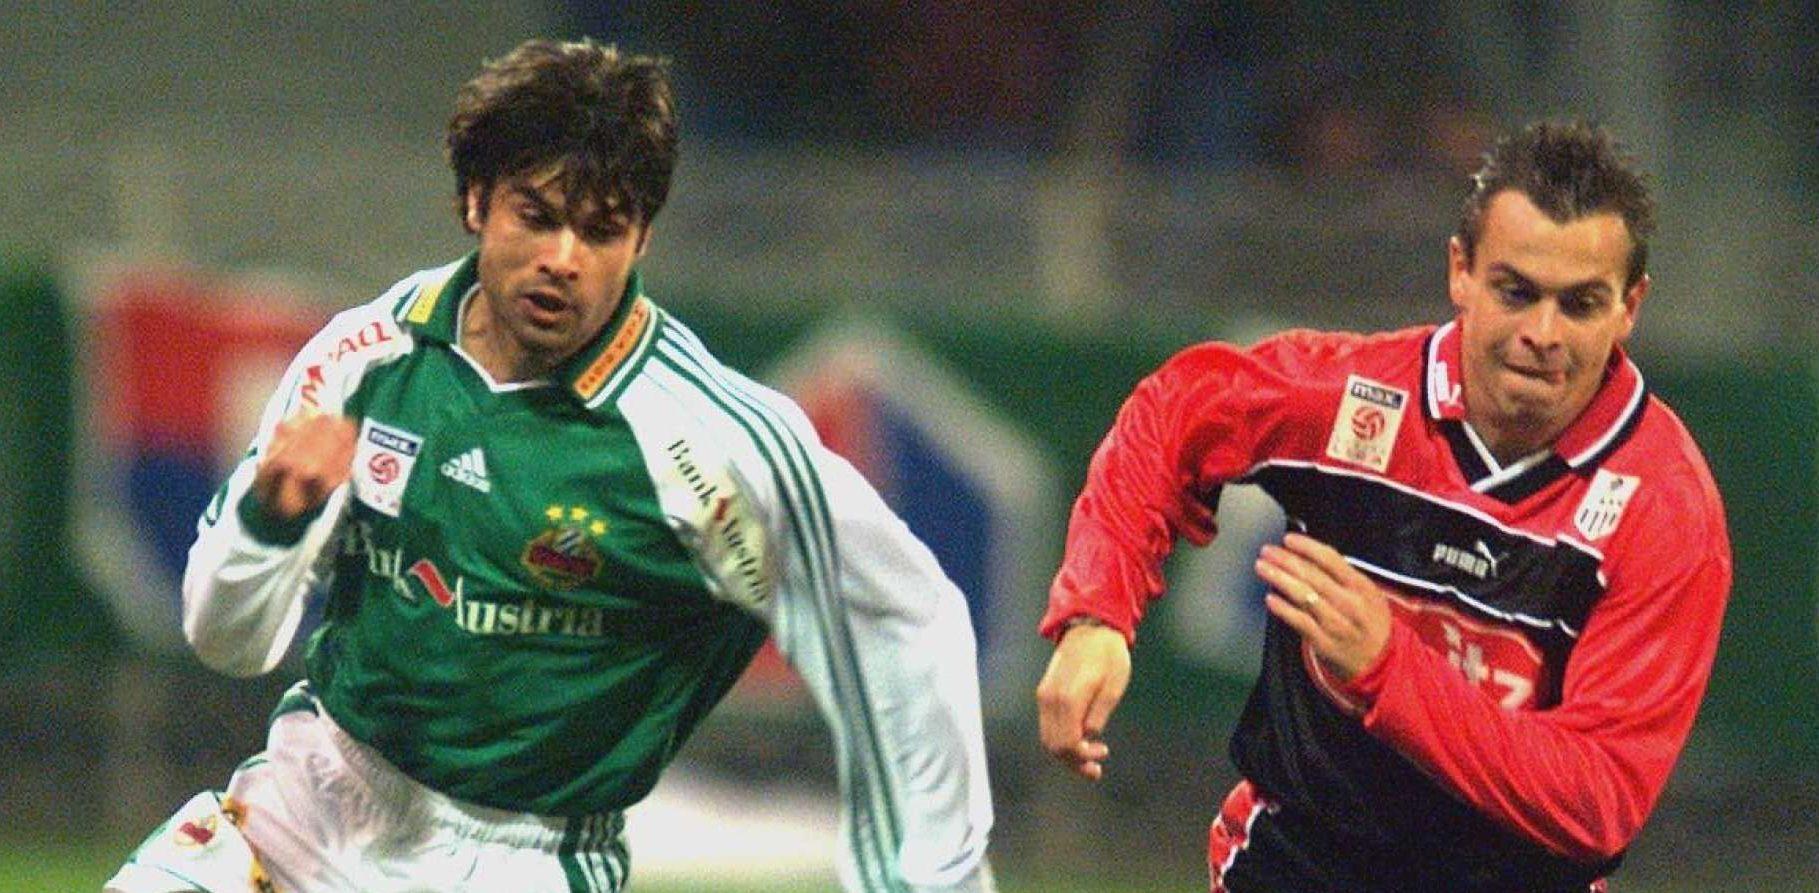 Jürgen Panis (r. gegen Andreas Lagonikakis) ist der bislang letzte LASK-Siegtorschütze in Hütteldorf.